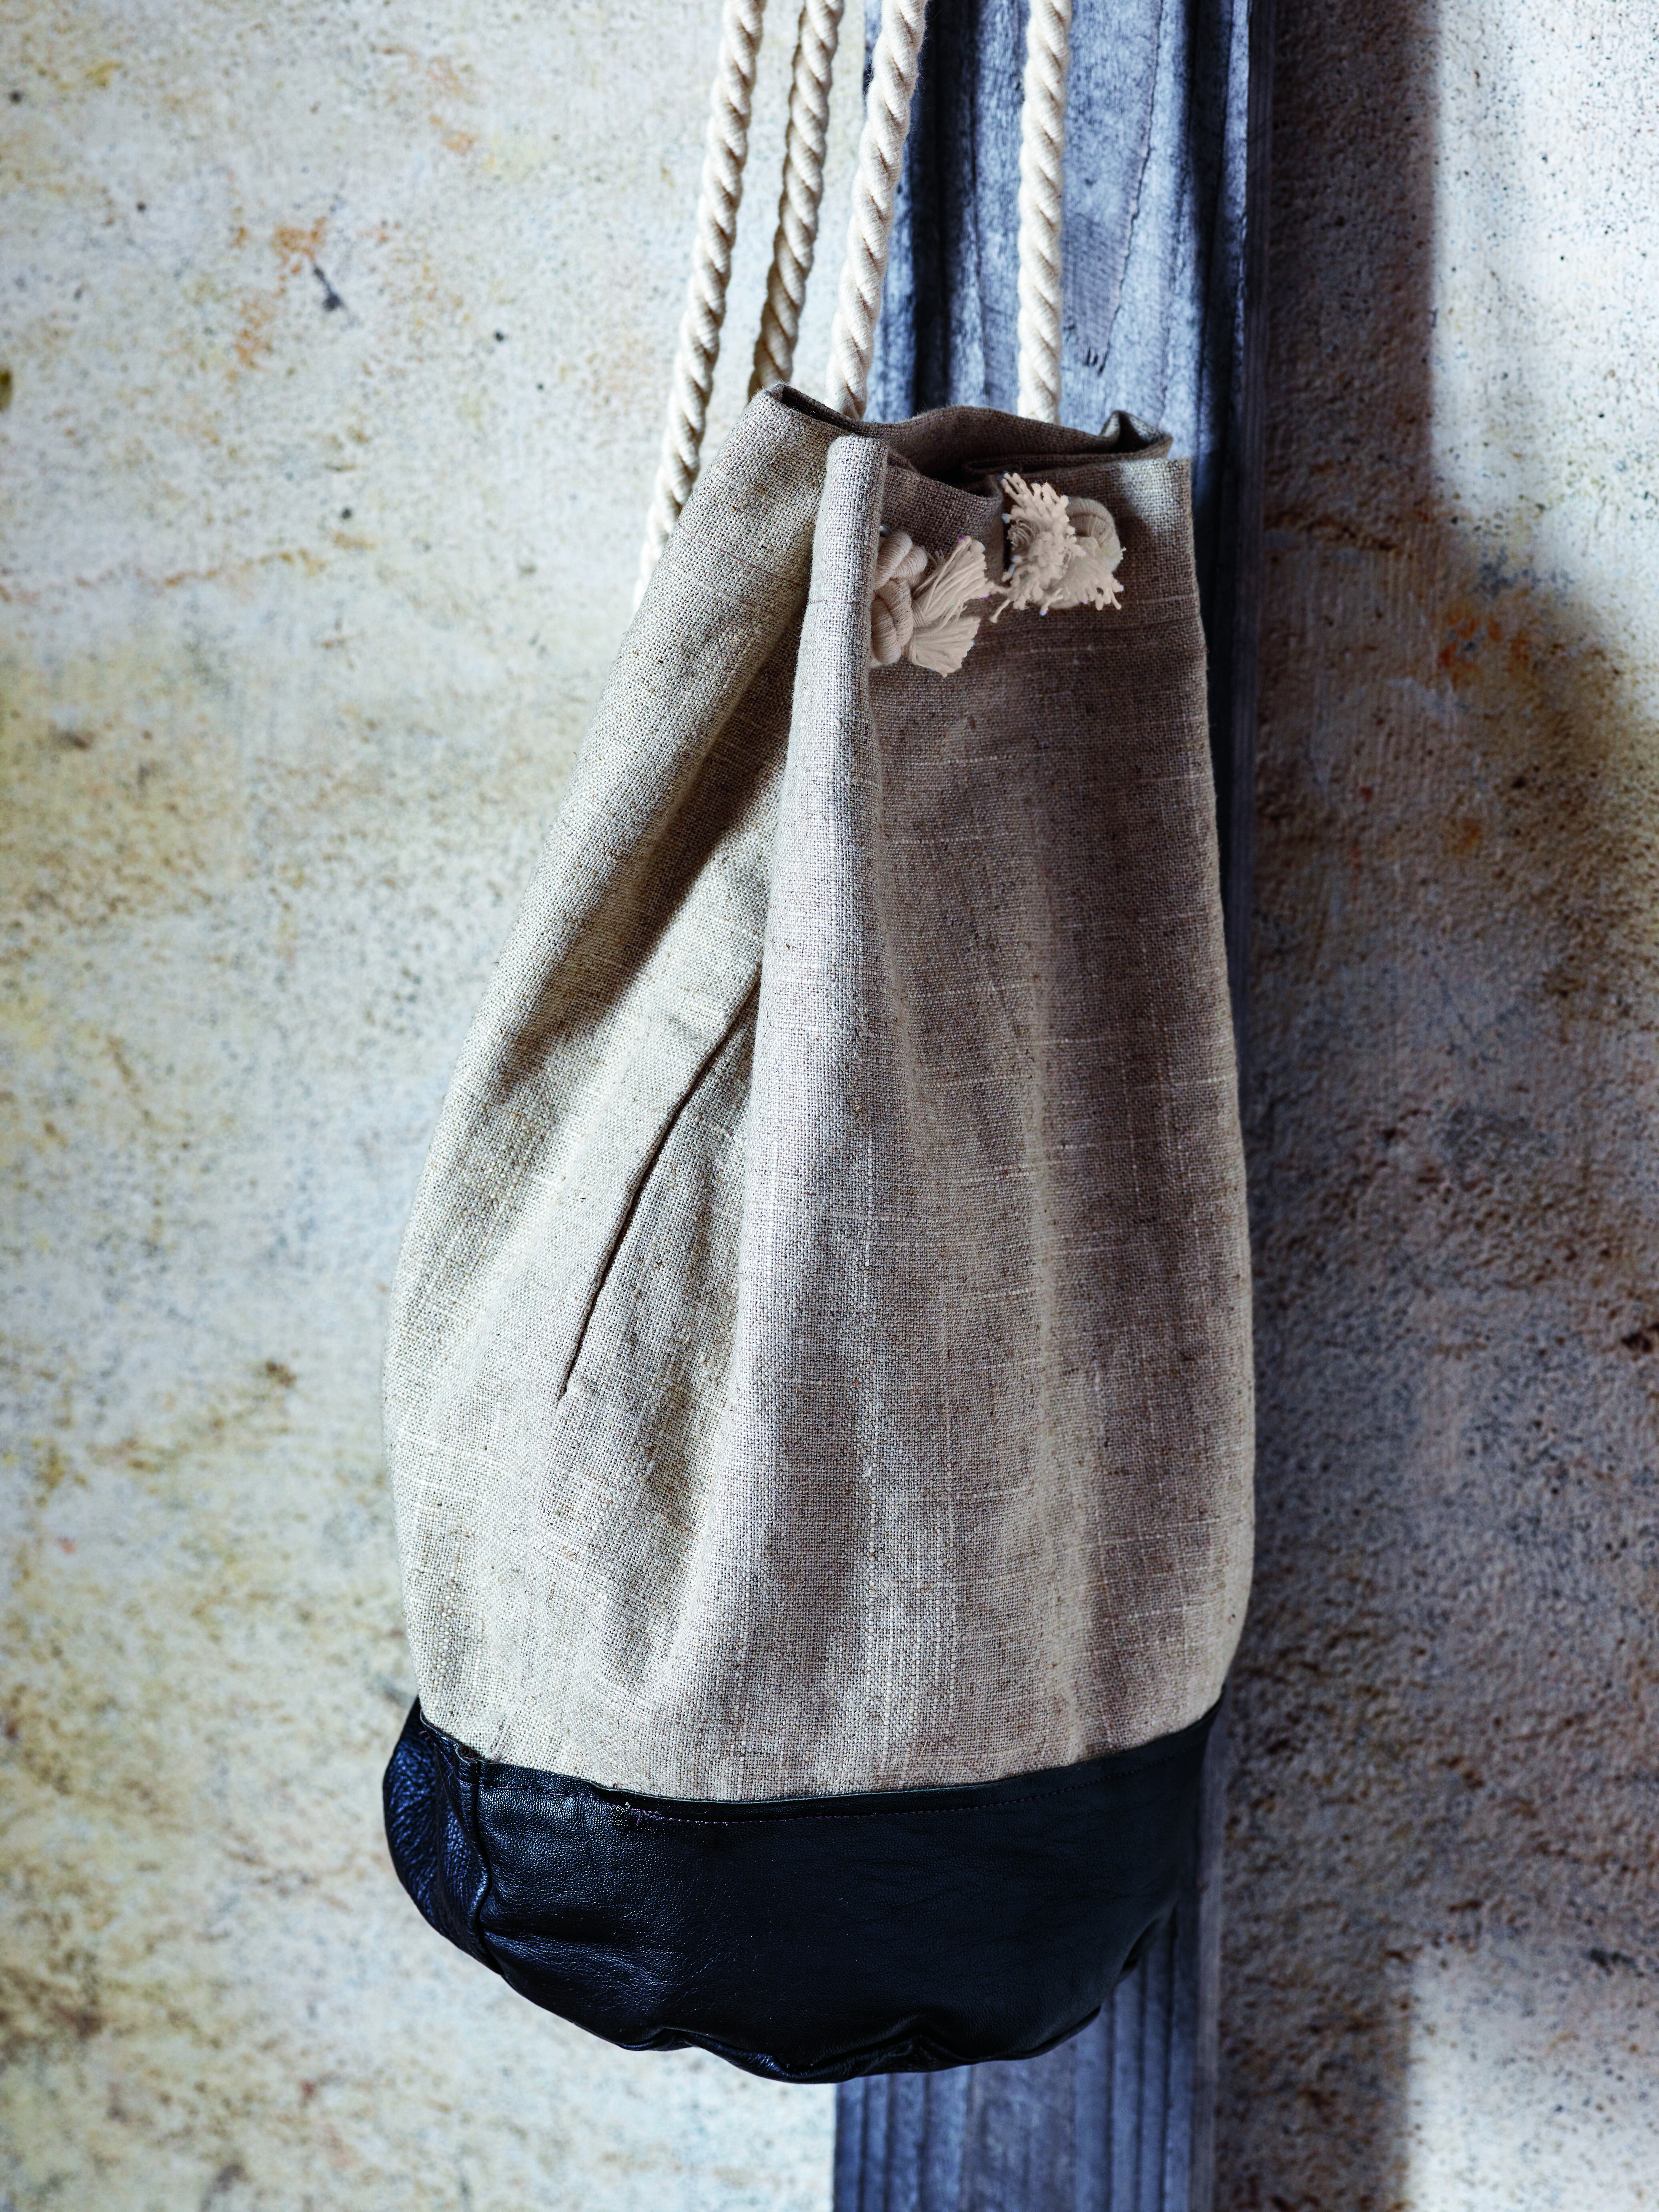 Fra gammel jakke til ny veske: Om gjenbruk av skinn og lær